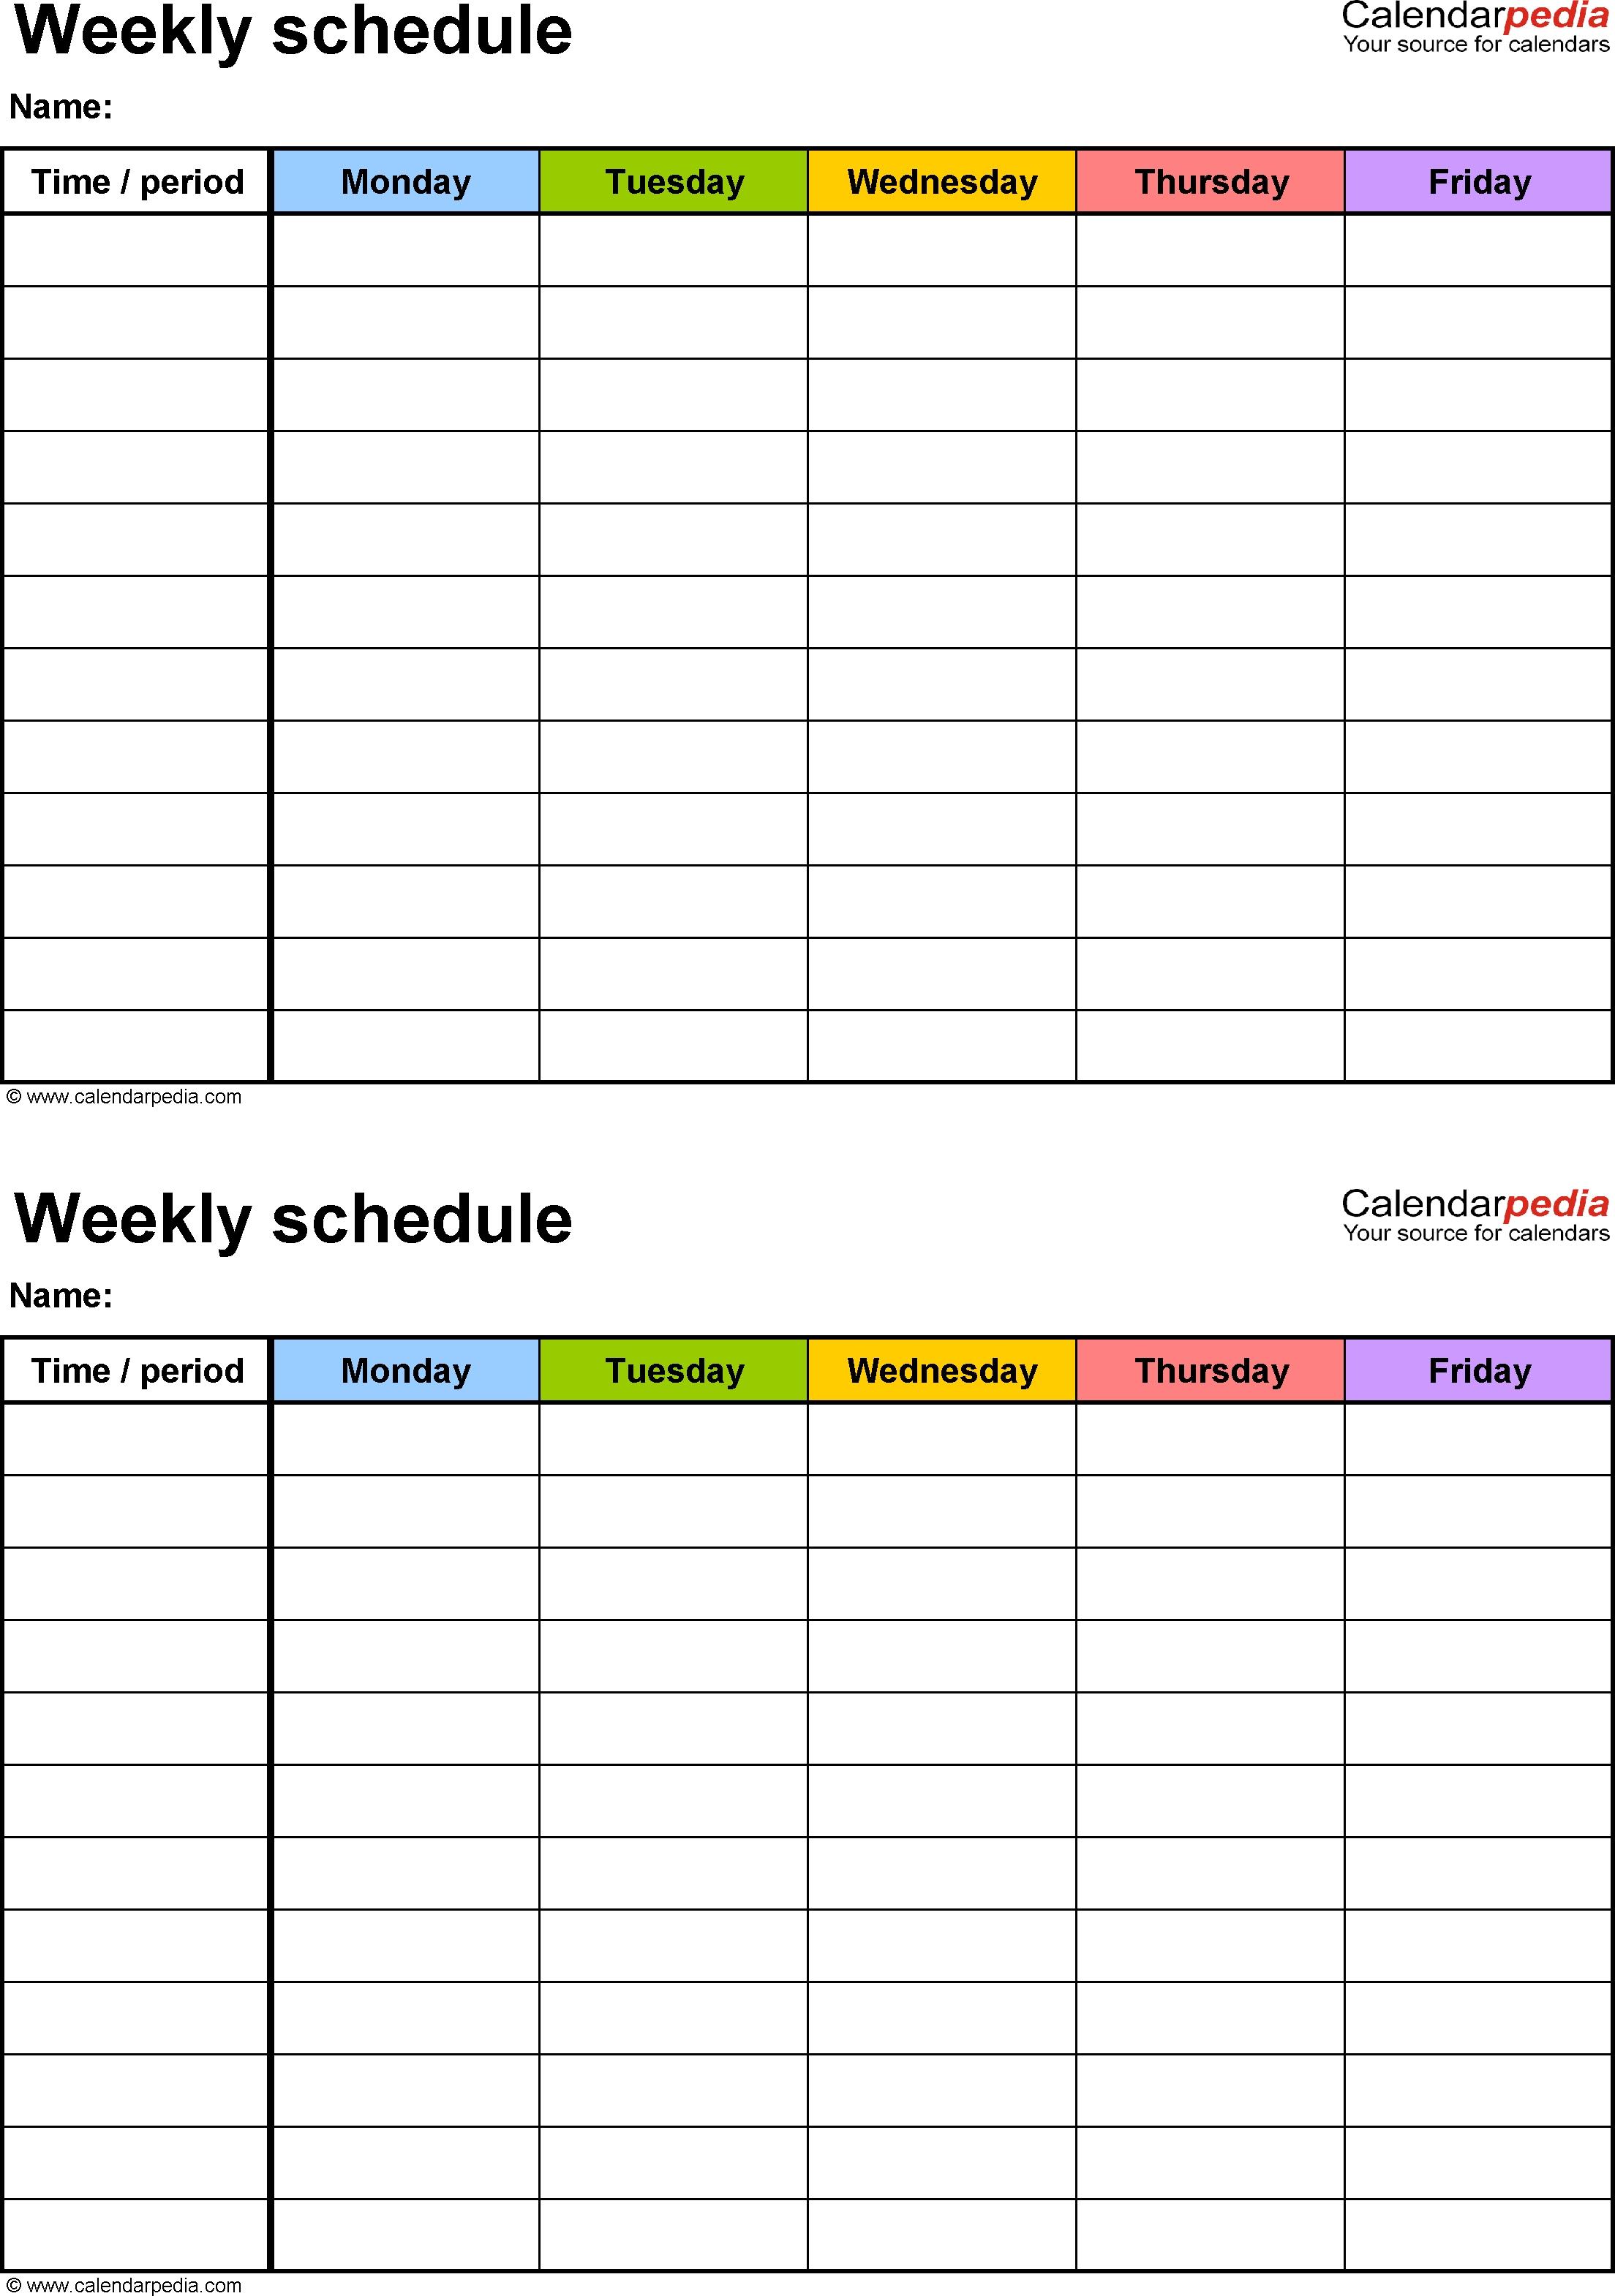 Daily Class Schedule Template - Wpa.wpart.co-Blank Preschool Class Calendar